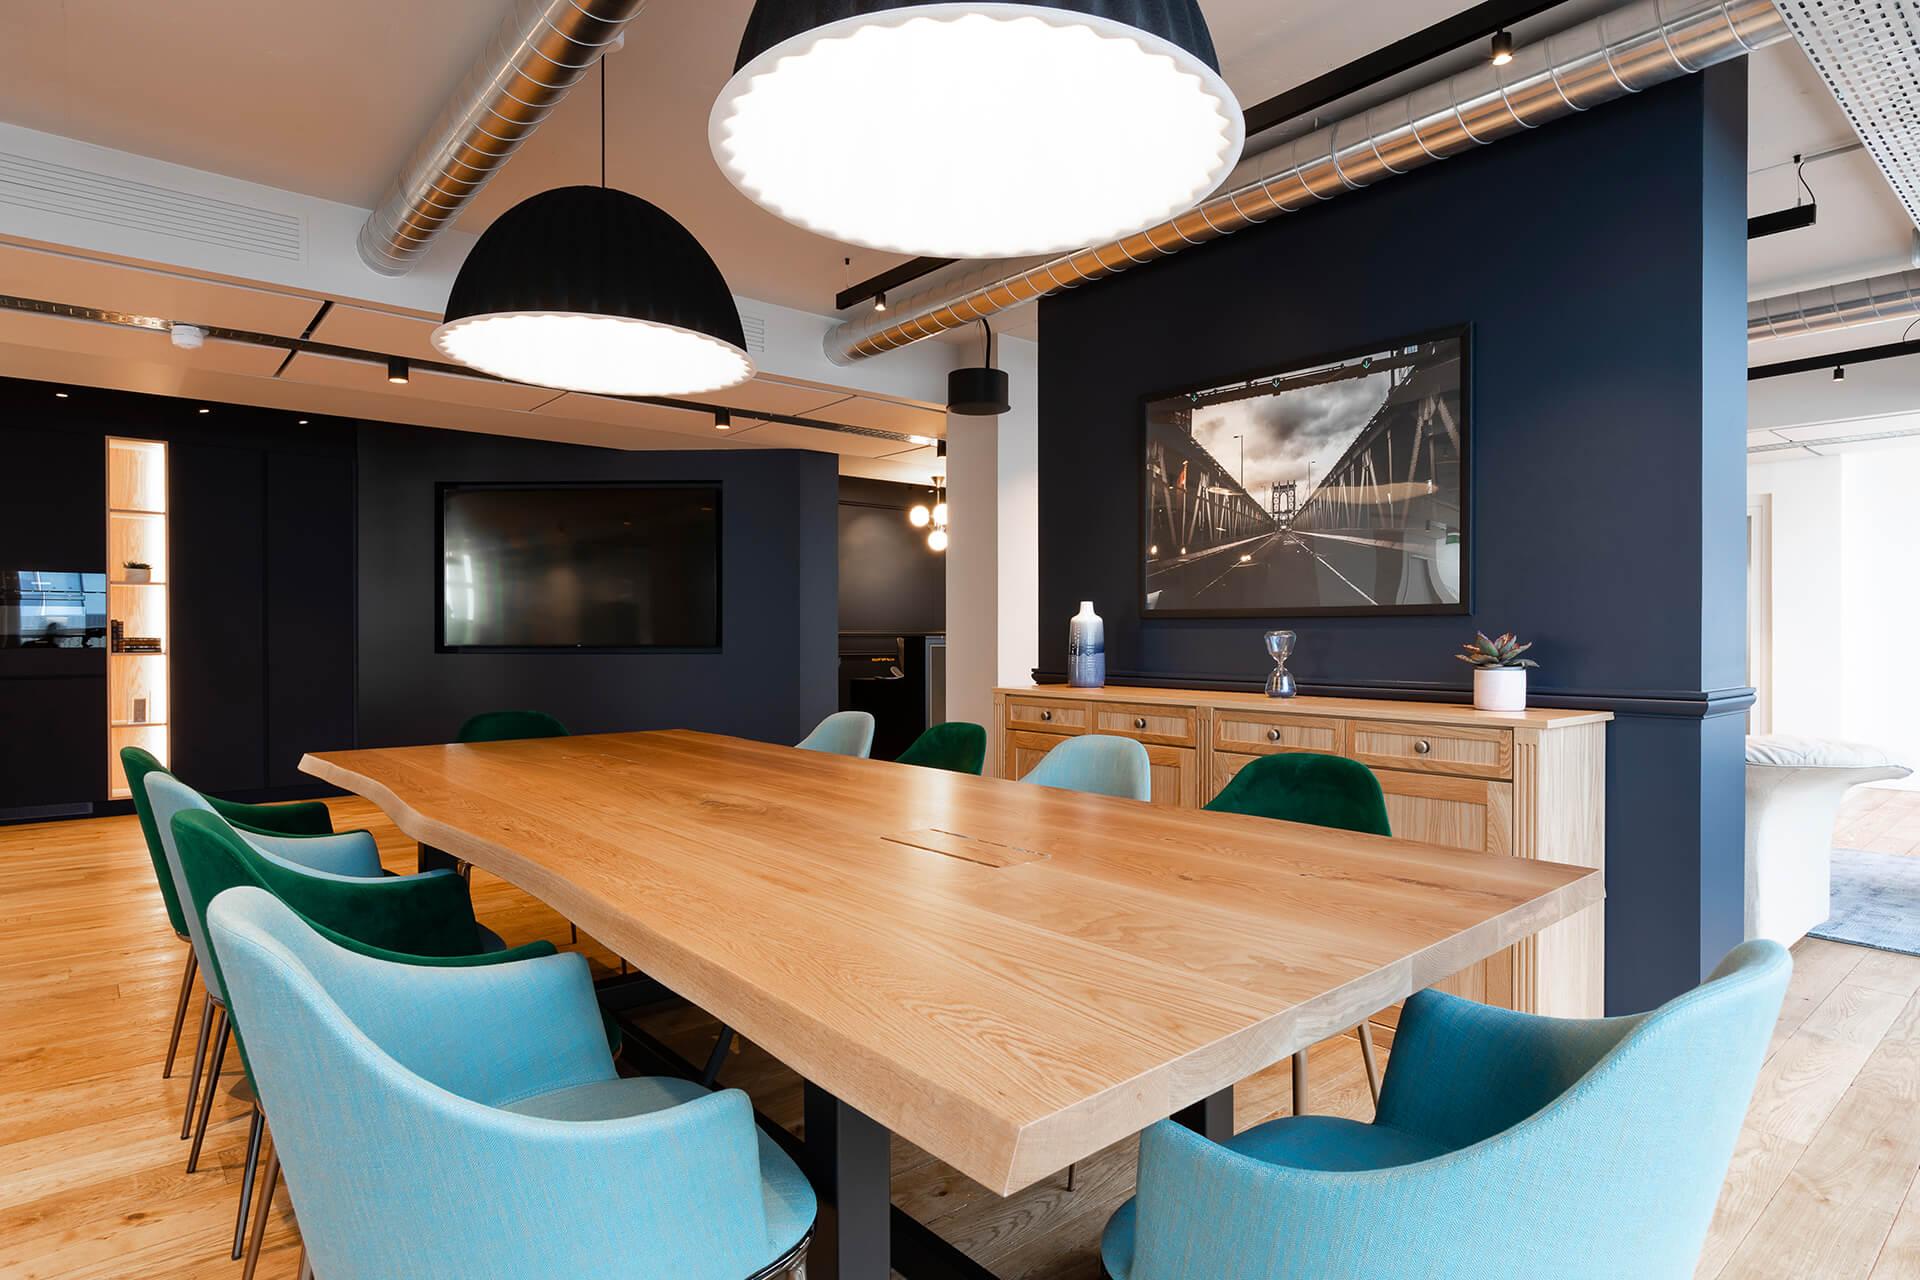 sala de reuniões de centro de negócios com mesa e aparador em madeira